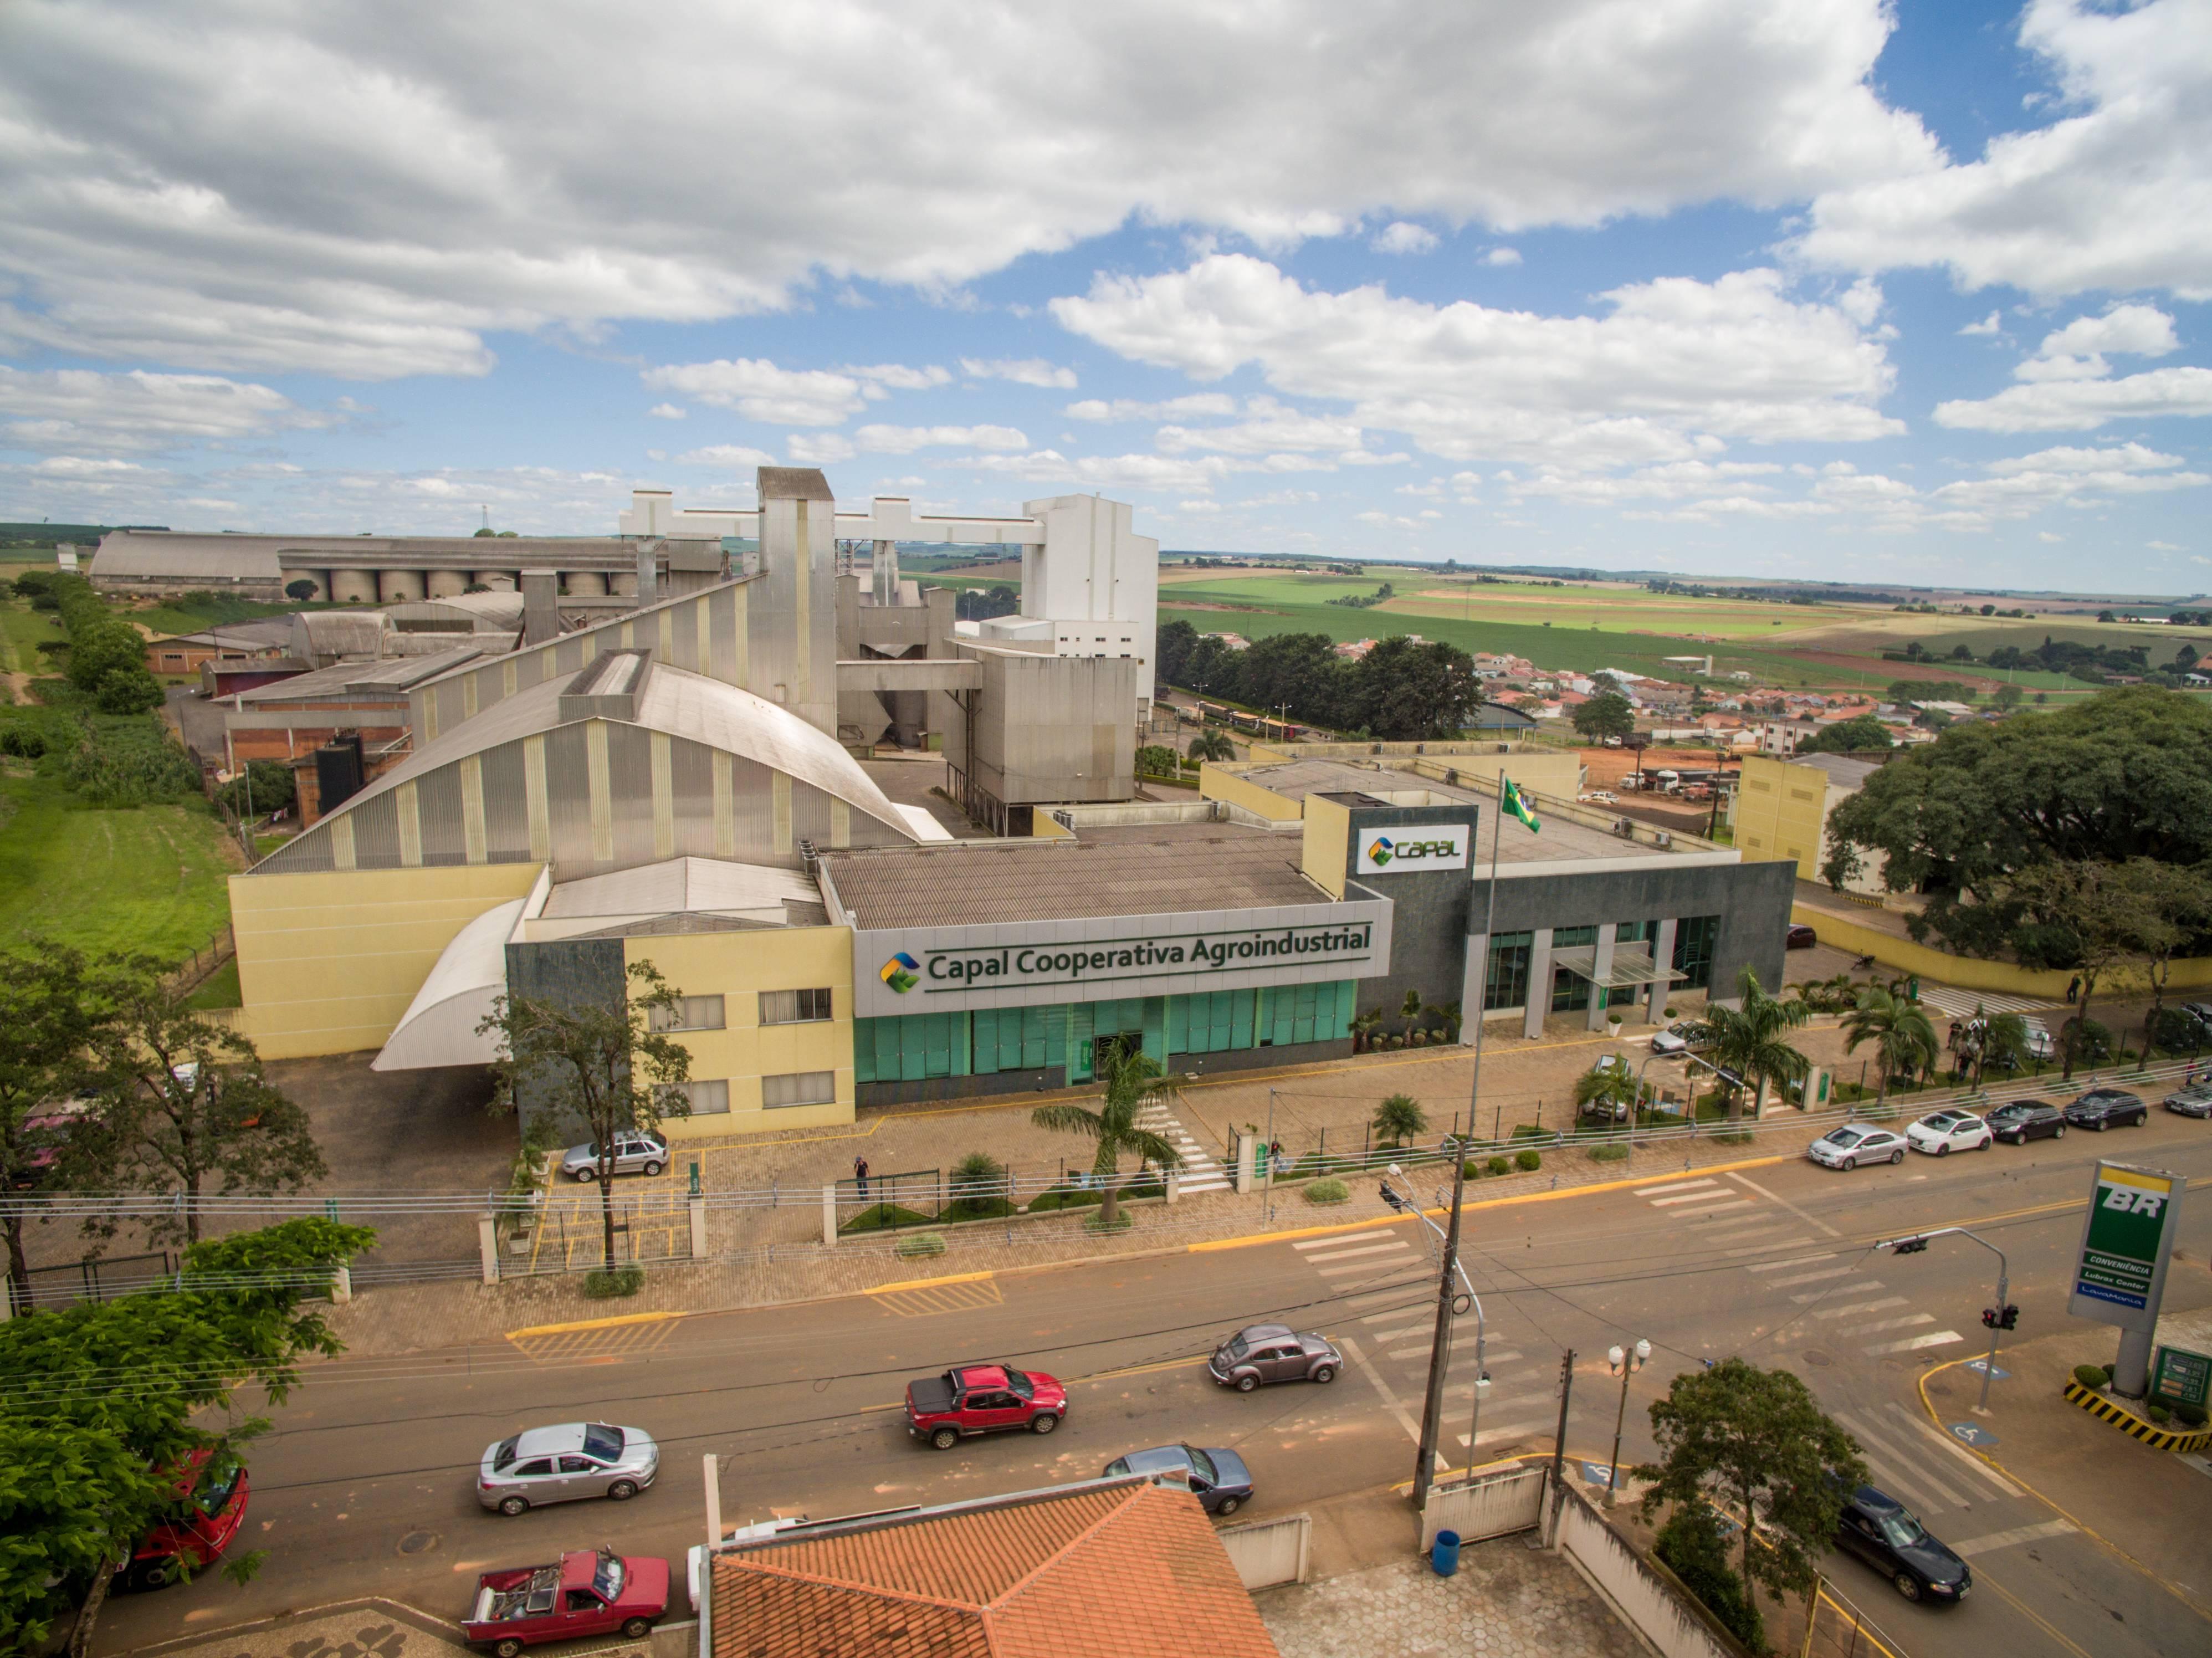 Intercooperação impulsionou os negócios da Capal, que registrou um aumento de 87% em seu faturamento desde 2014.